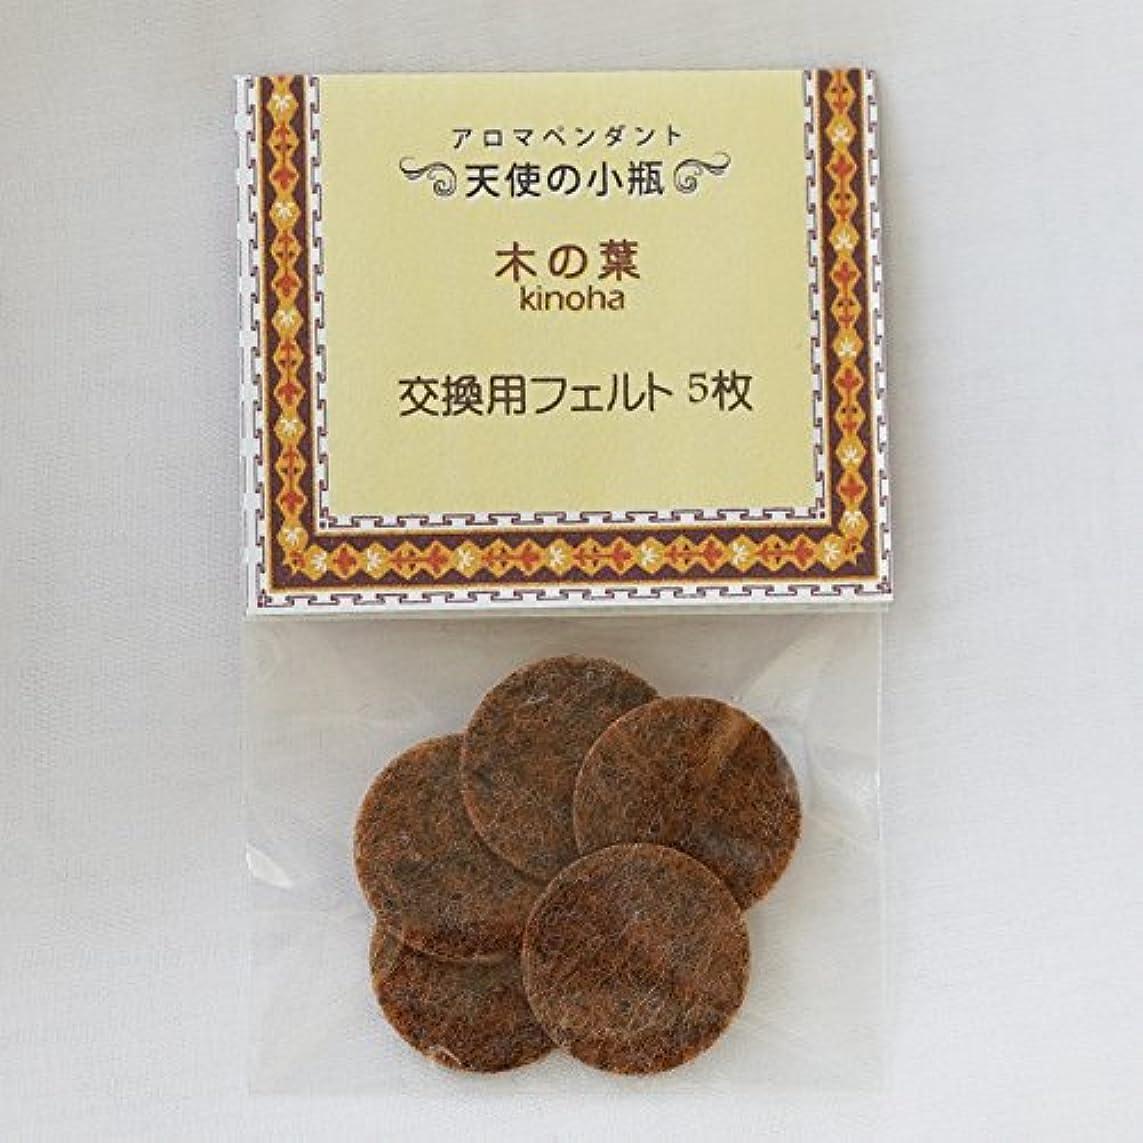 ジャズインタフェースコーン【天使の小瓶】 木の葉(ゴールド)交換用フェルト5枚